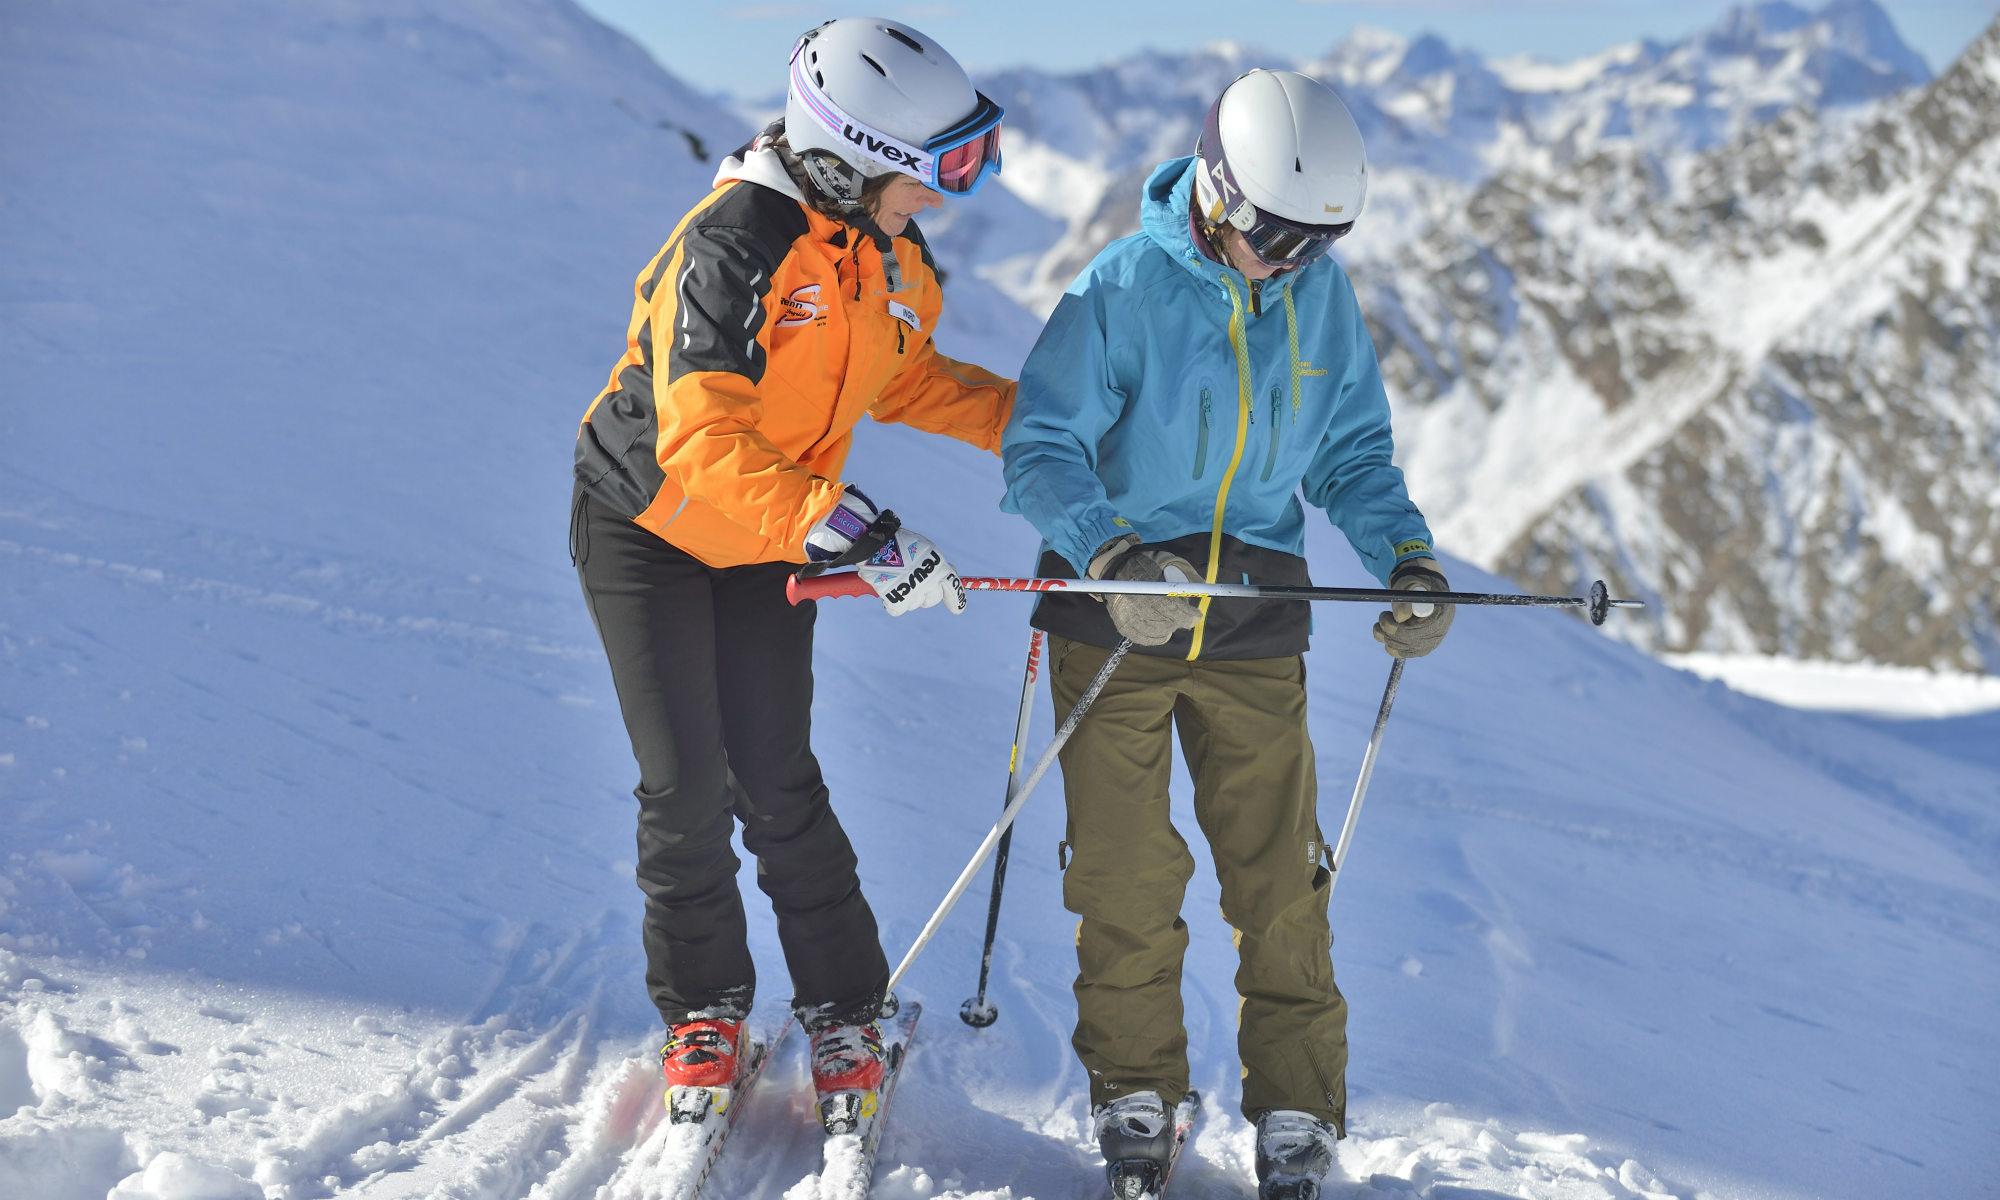 Eine Skilehrerin zeigt einem Skifahrer im Rahmen eines privaten Skikurses die richtige Technik.